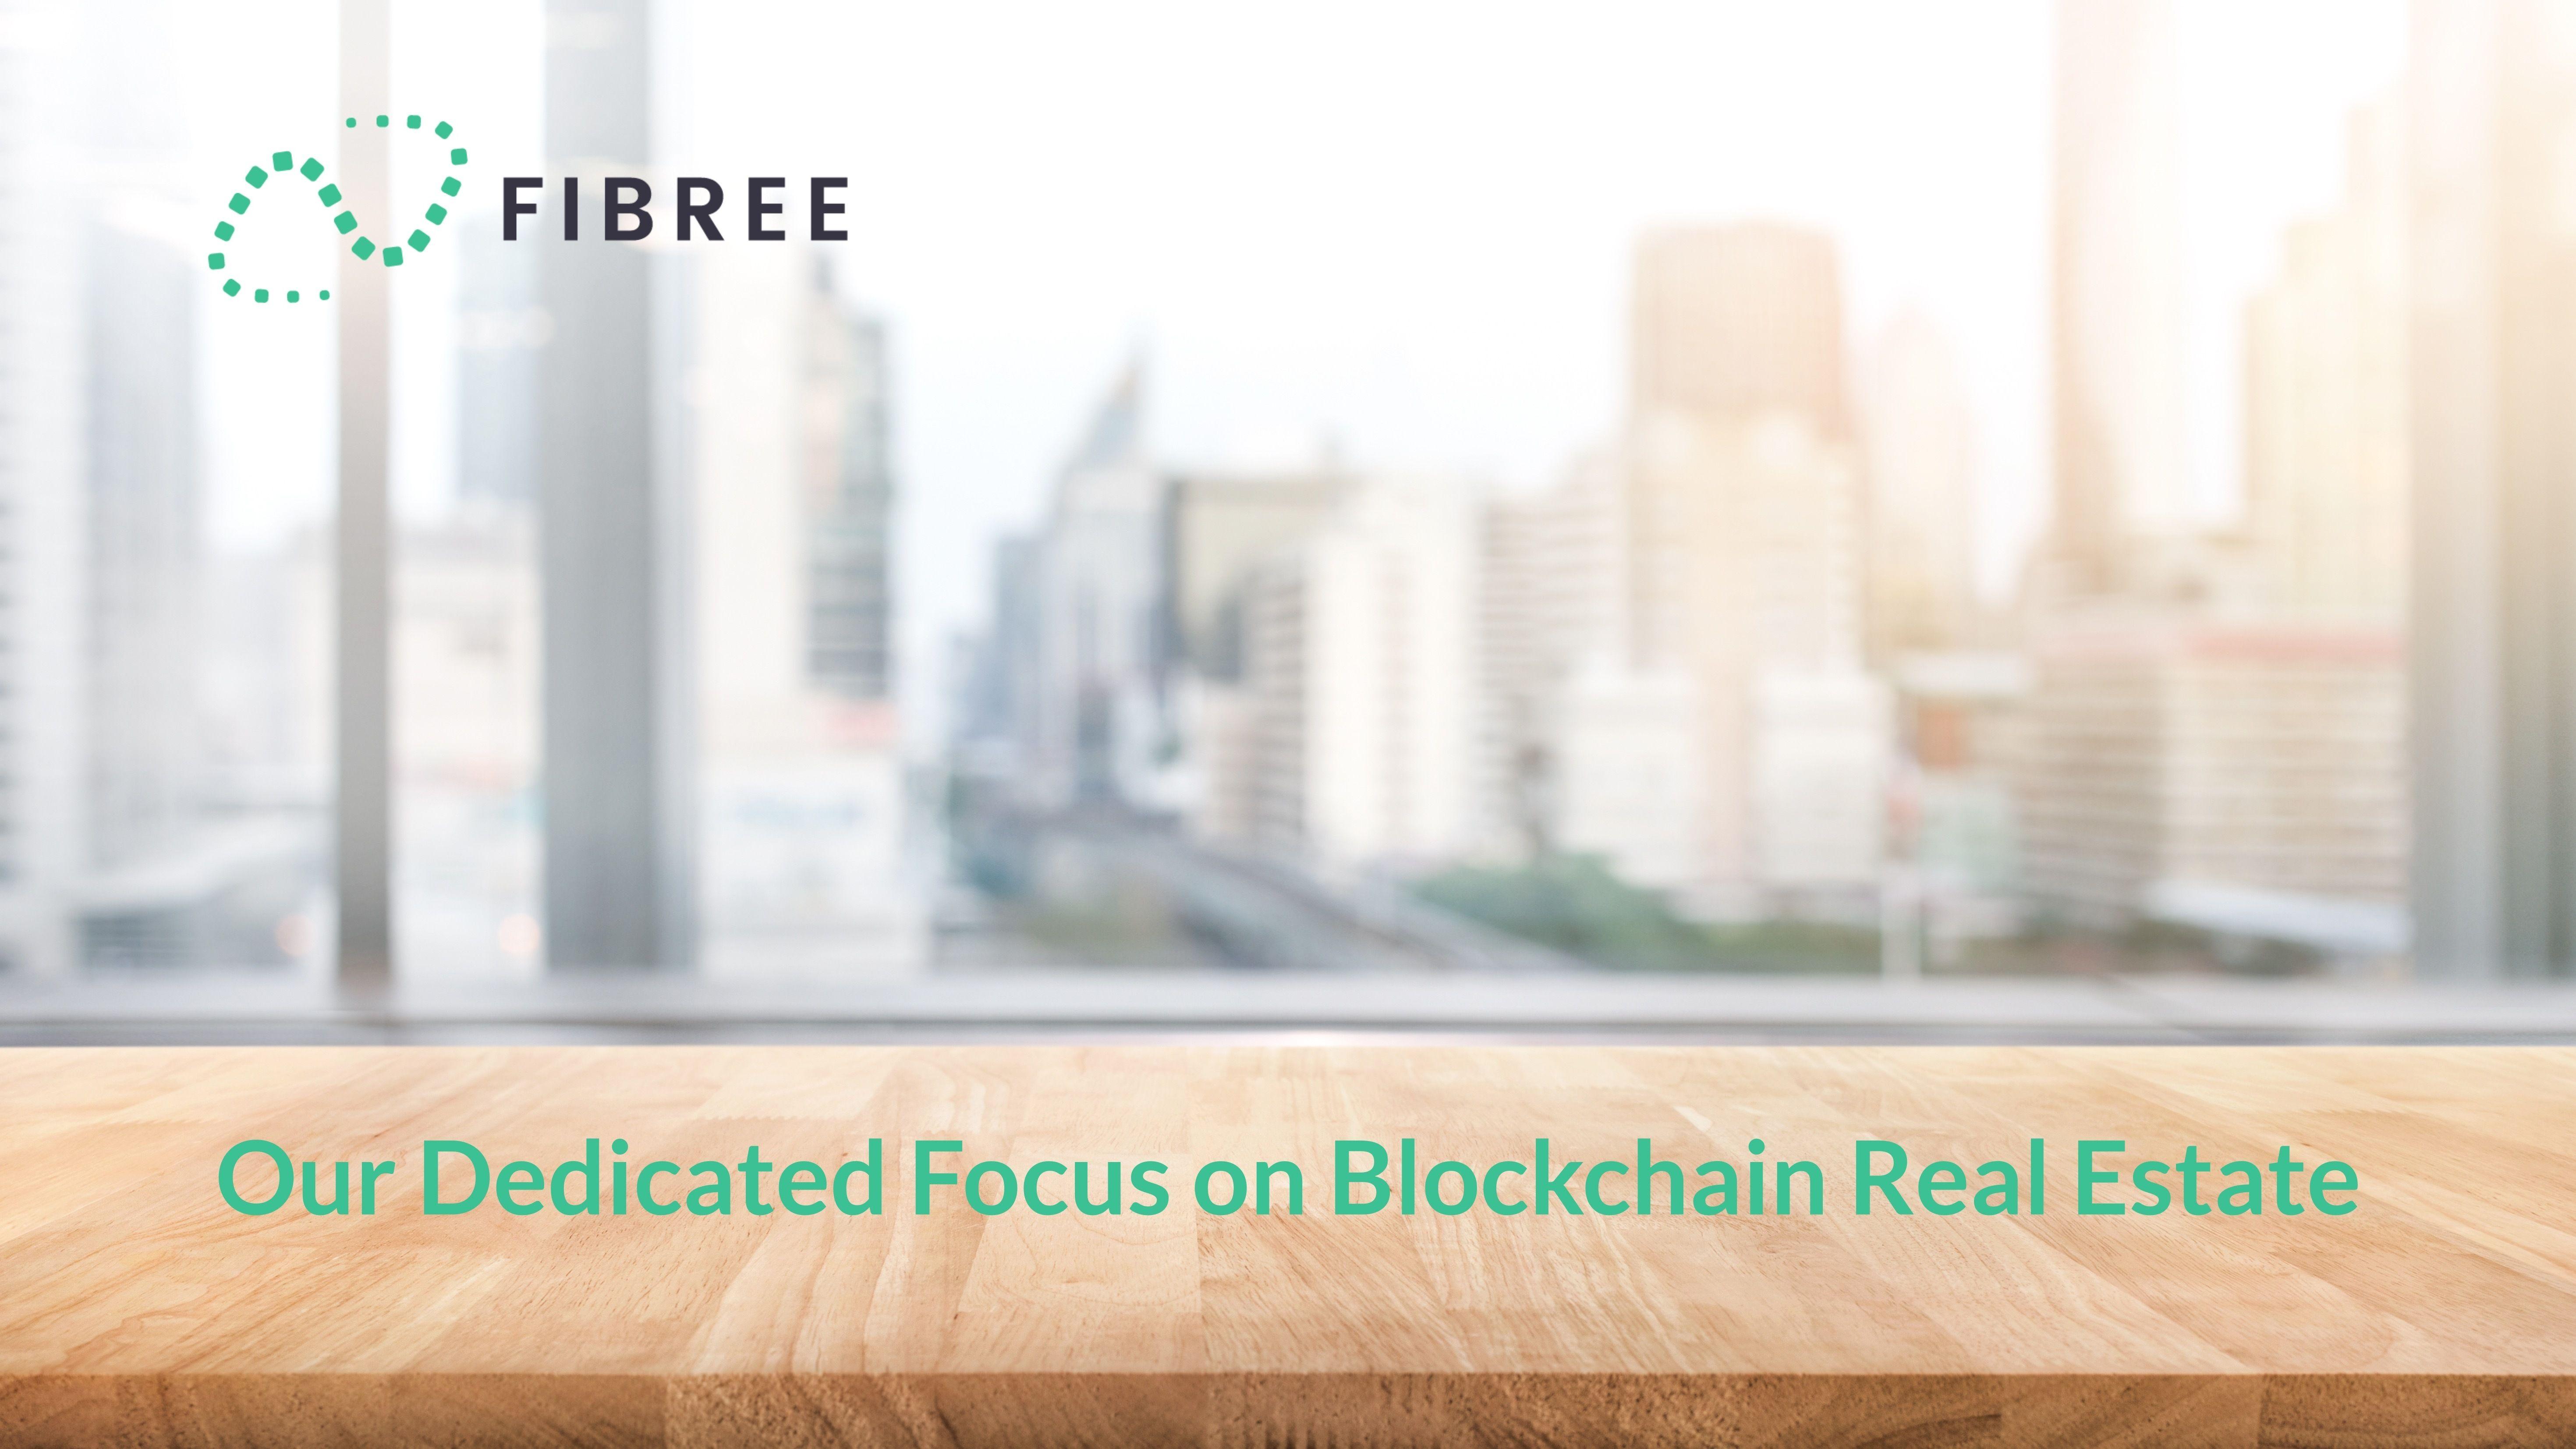 Immobilien und Blockchain